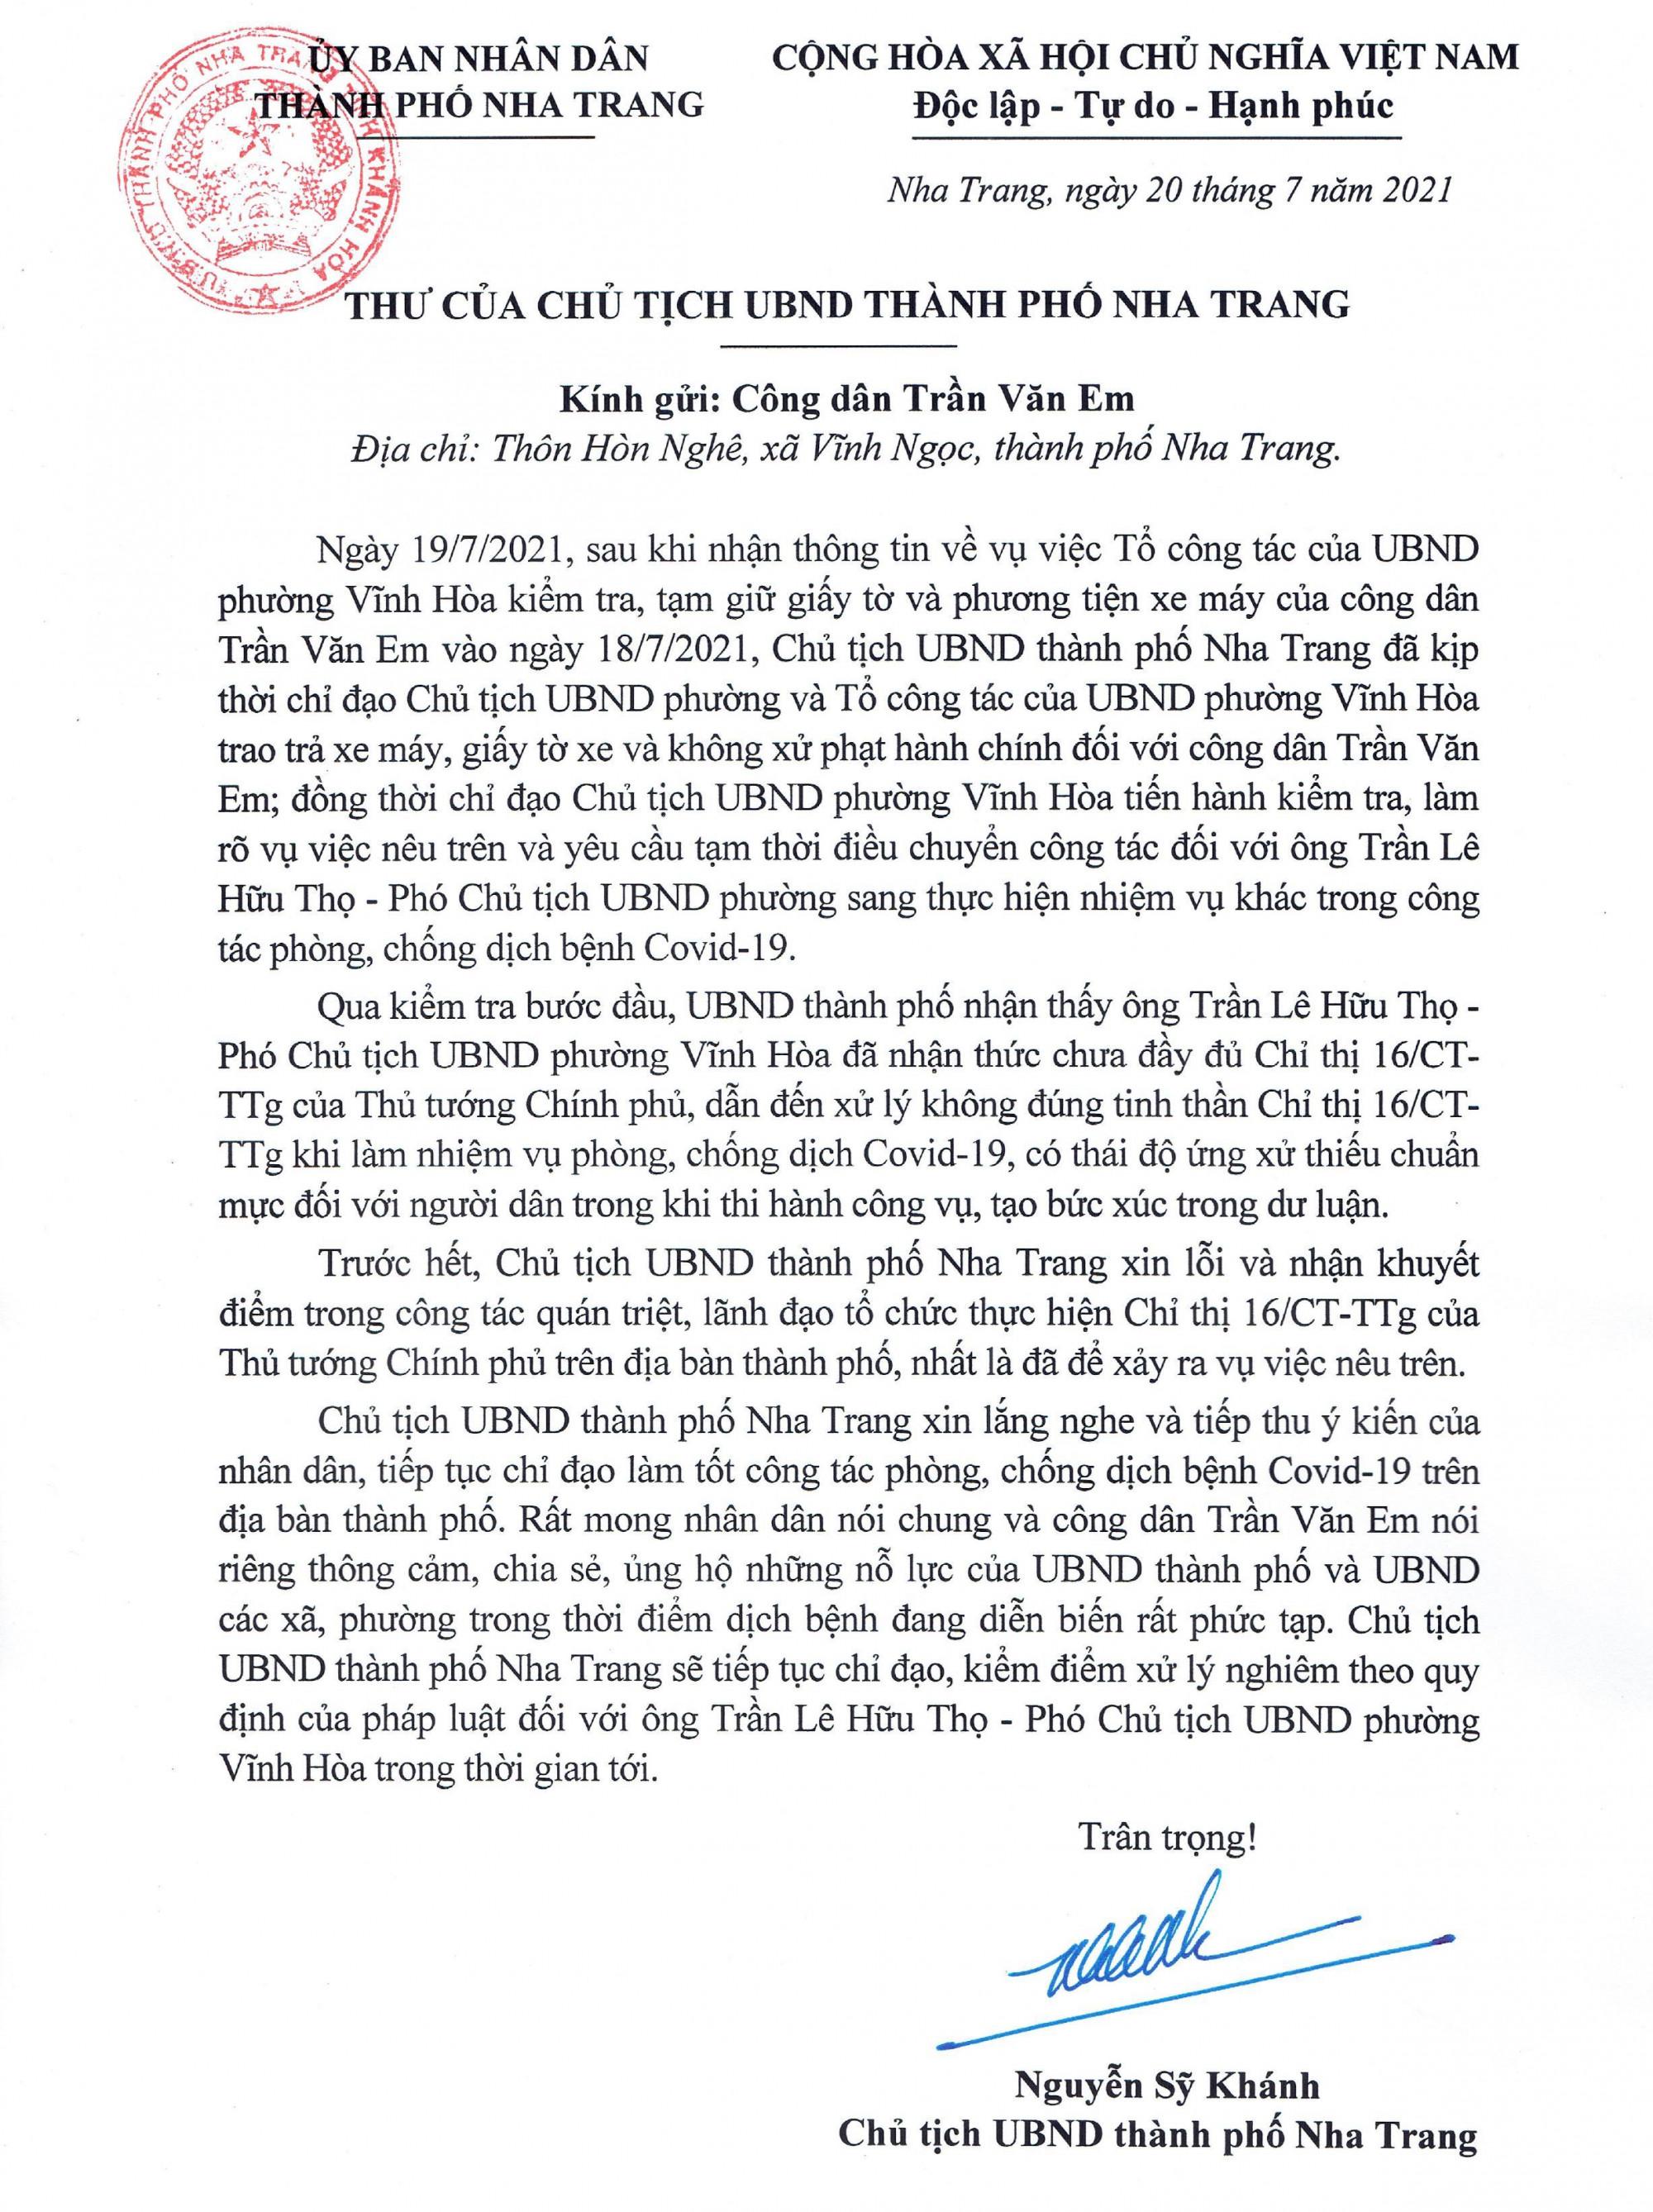 Thư của Chủ tịch UBND TP Nha Trang Nguyễn Sỹ Khánh